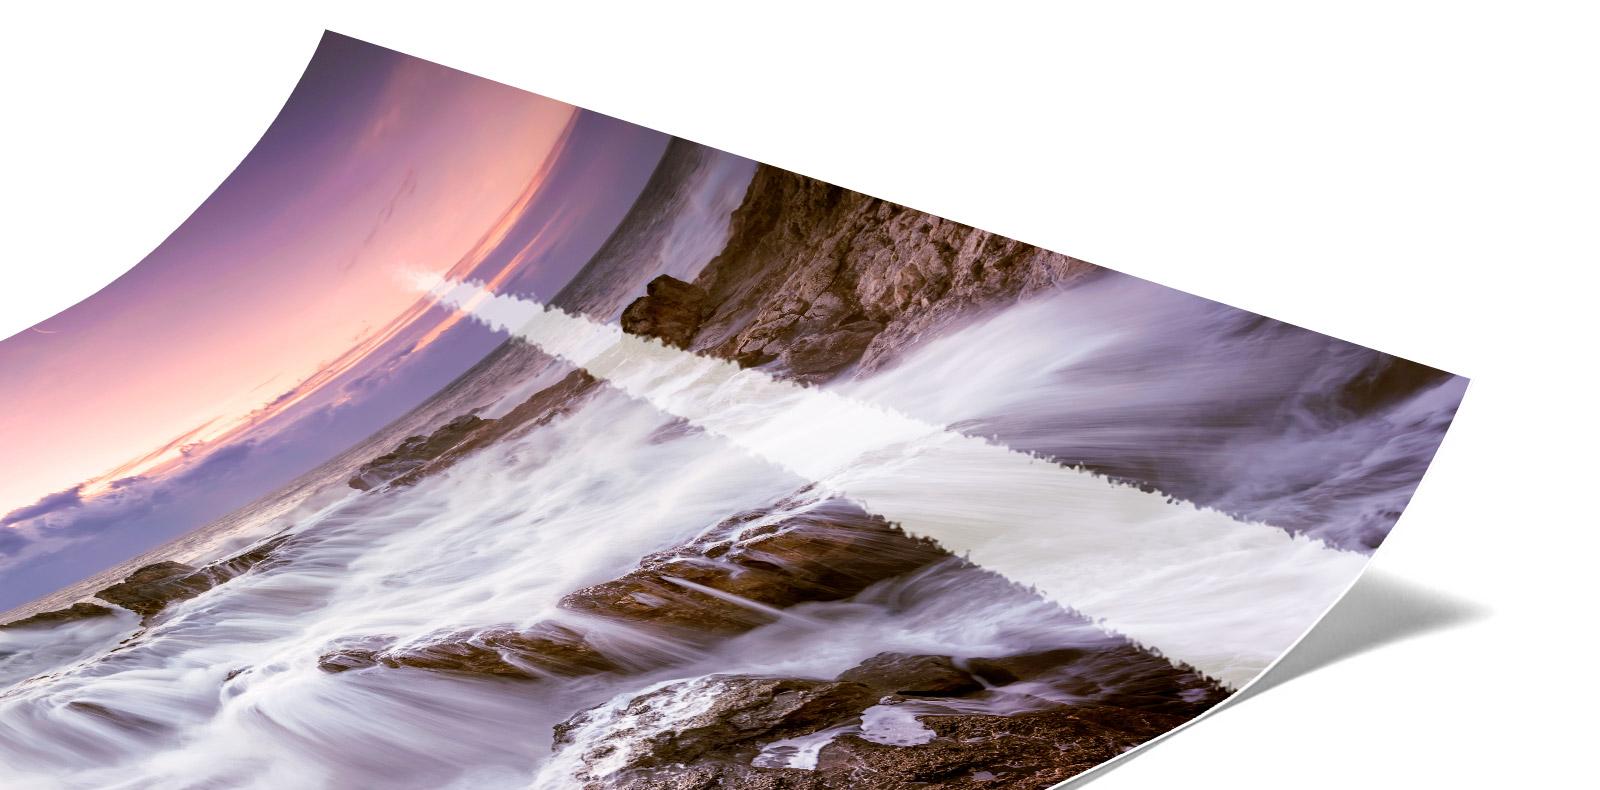 Foto auf Fuji Professional Fotopapier